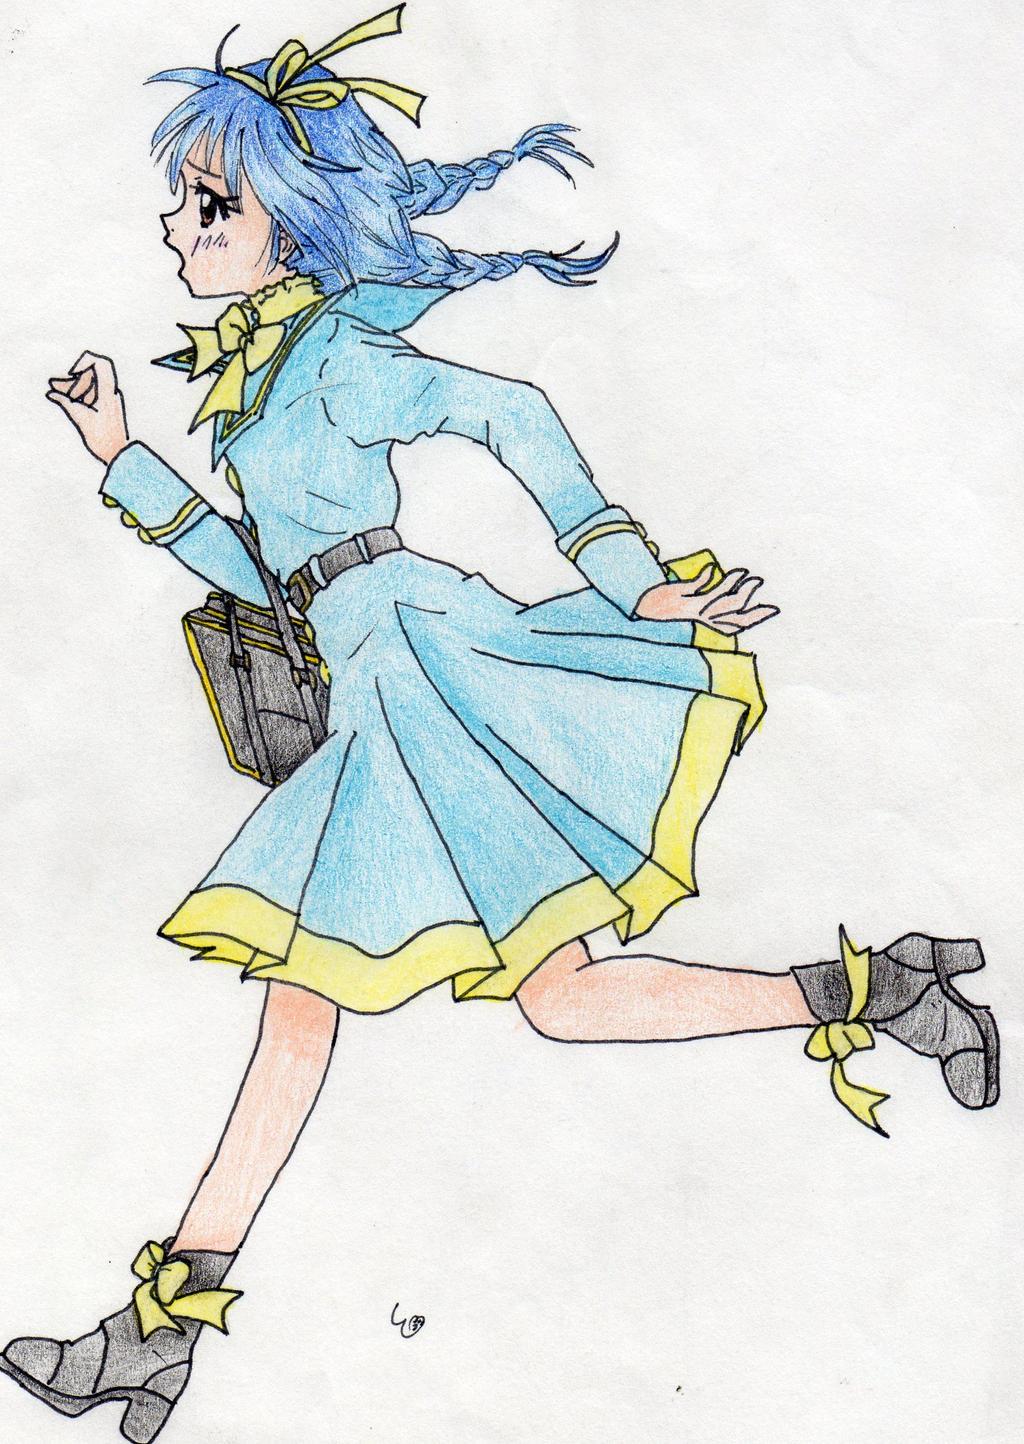 Random Running Anime Girl^^ By Swimfree